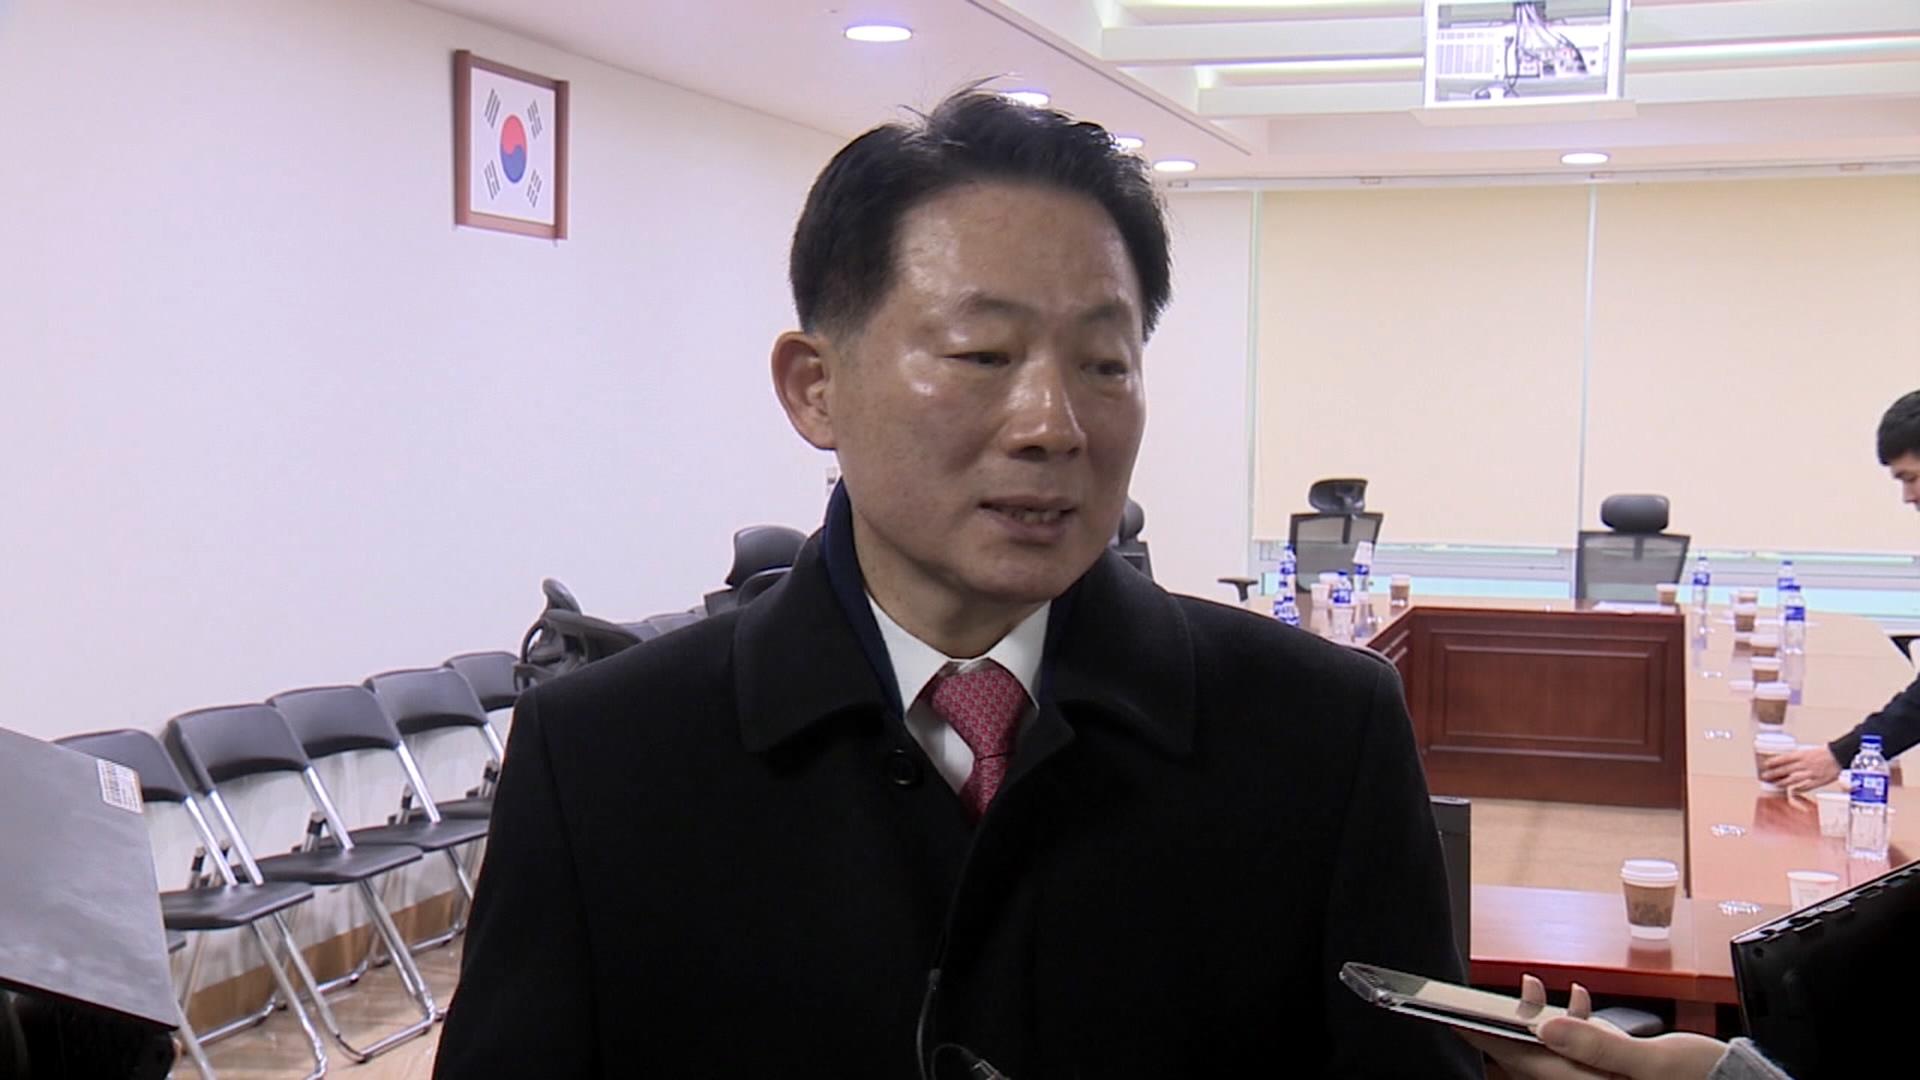 박찬우 의원 벌금 300만 원 확정…의원직 상실